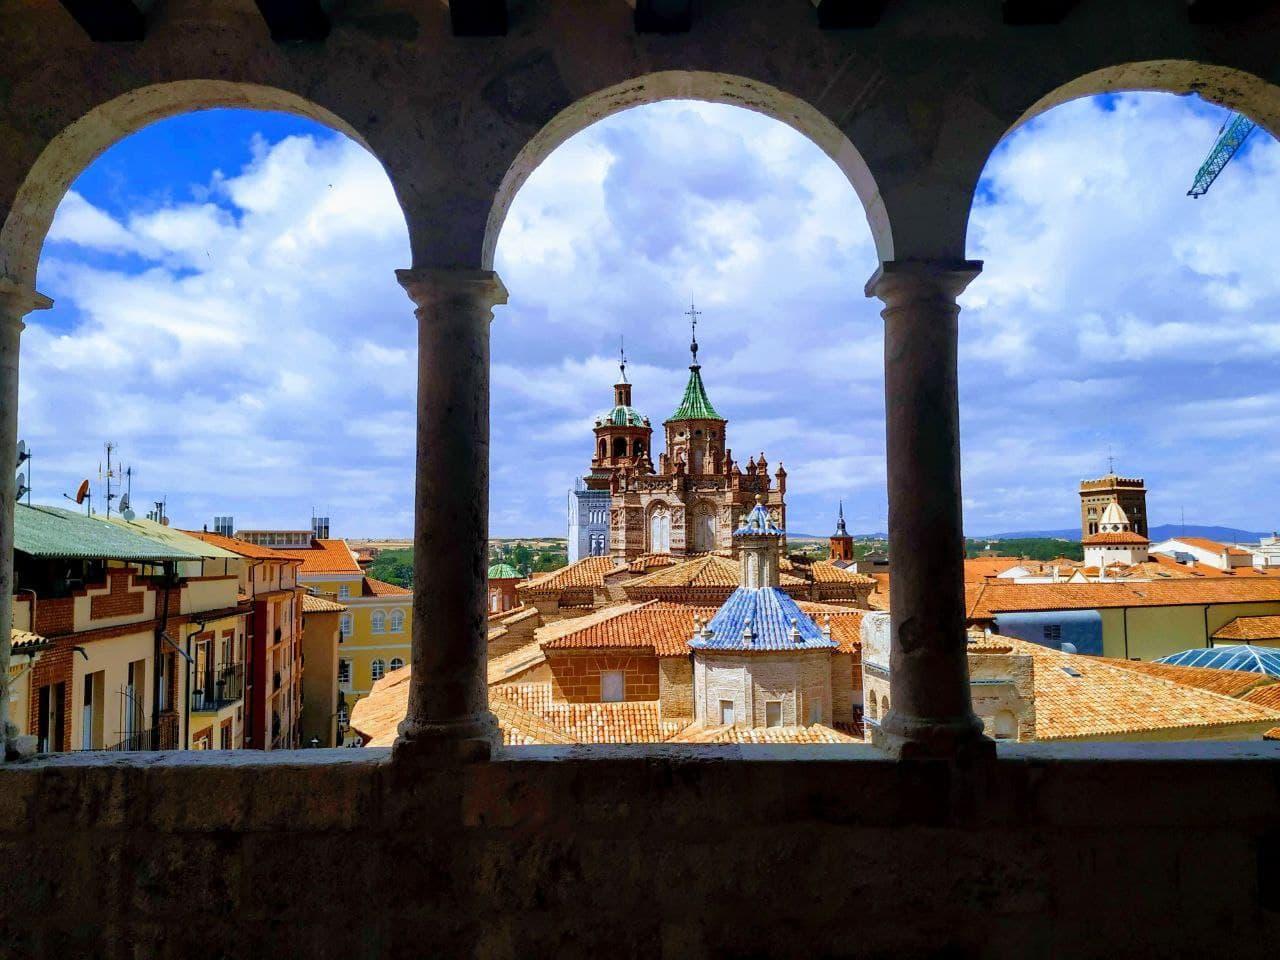 Desde Madrdi a Teruel